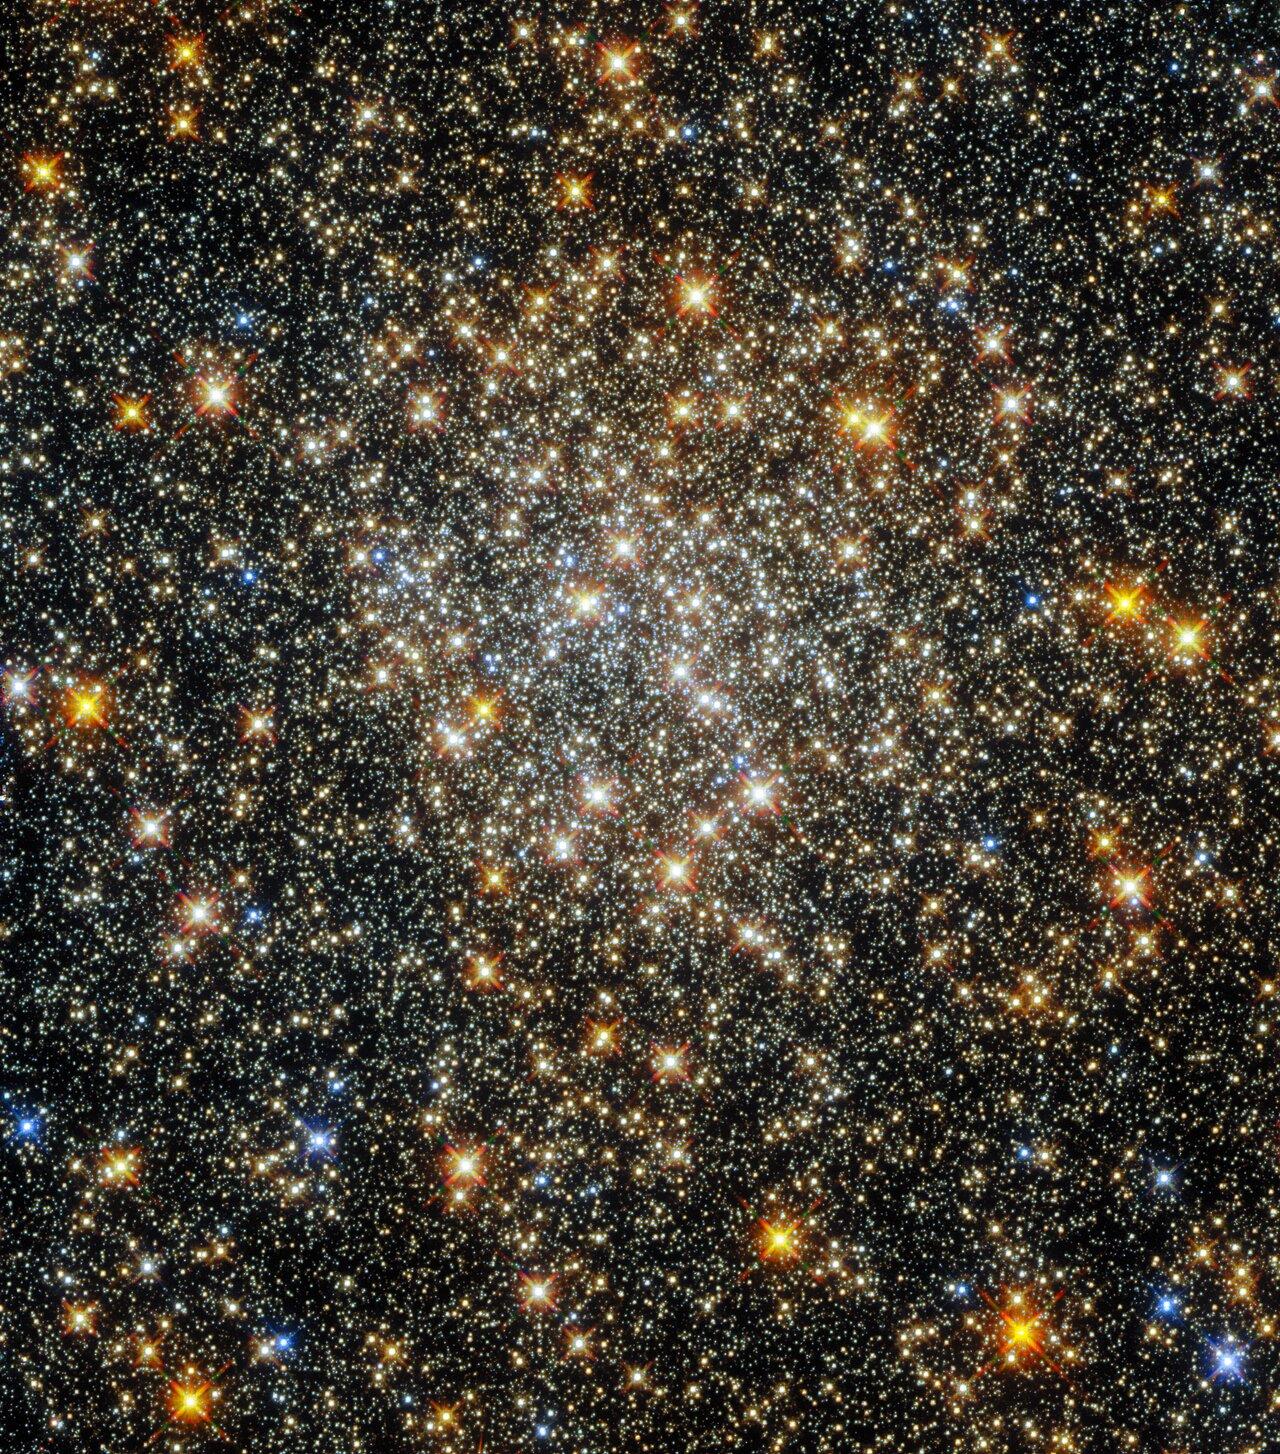 Ученые показали, как выглядит сверкающее звездное поле (ФОТО) - фото 2